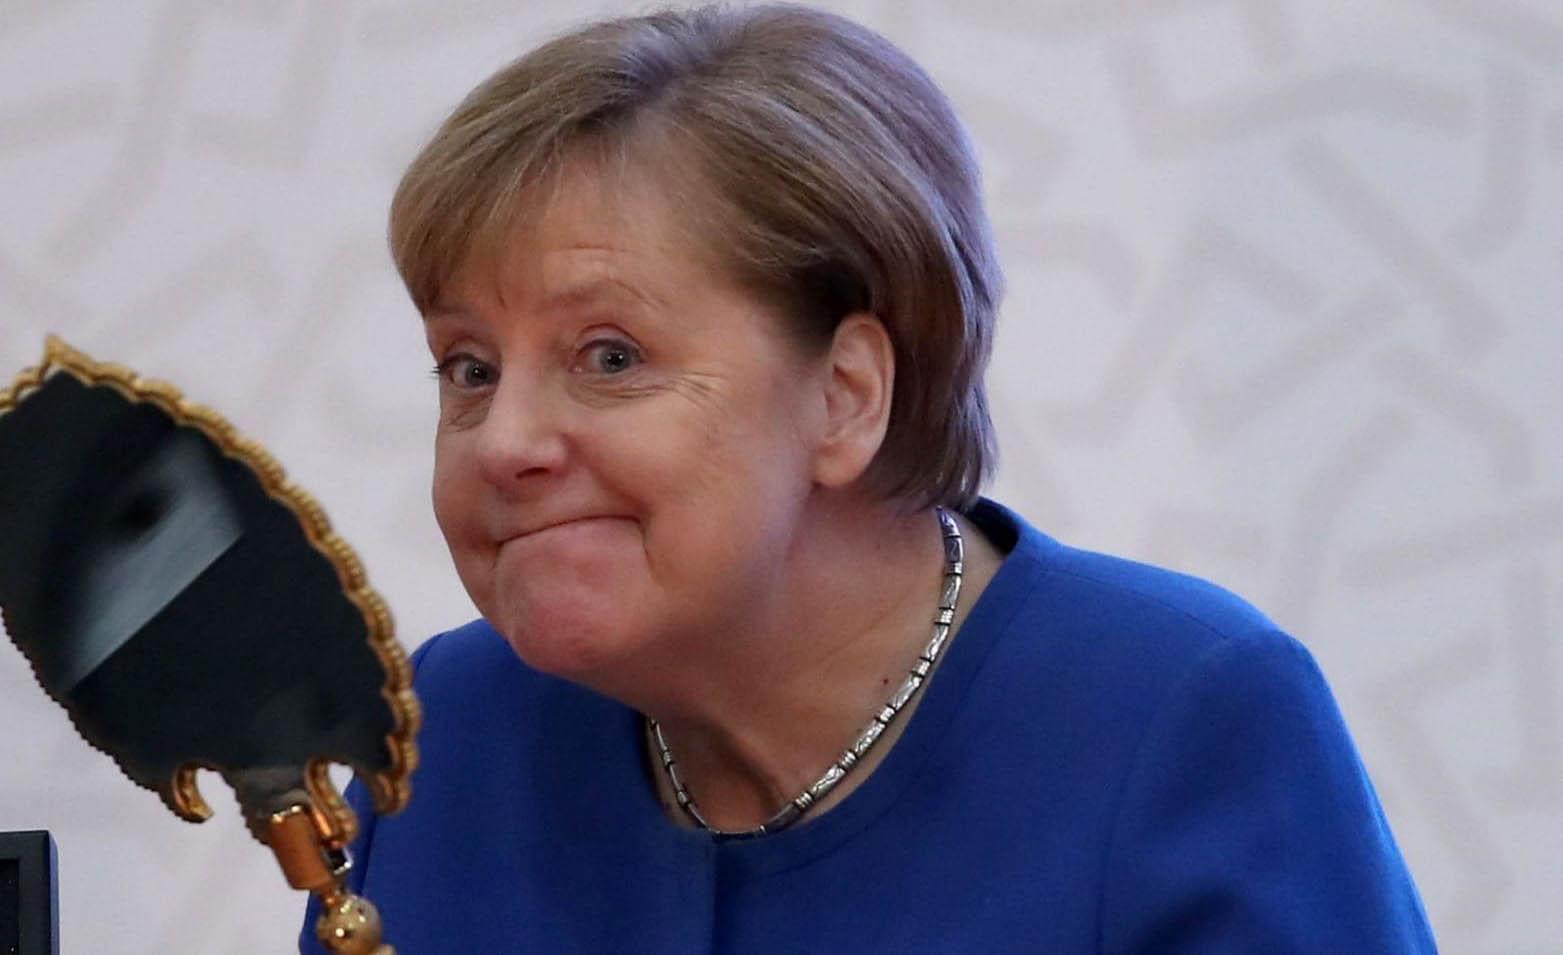 قیافه صدراعظم آلمان پس از دریافت هدیه اردوغان! + عکس